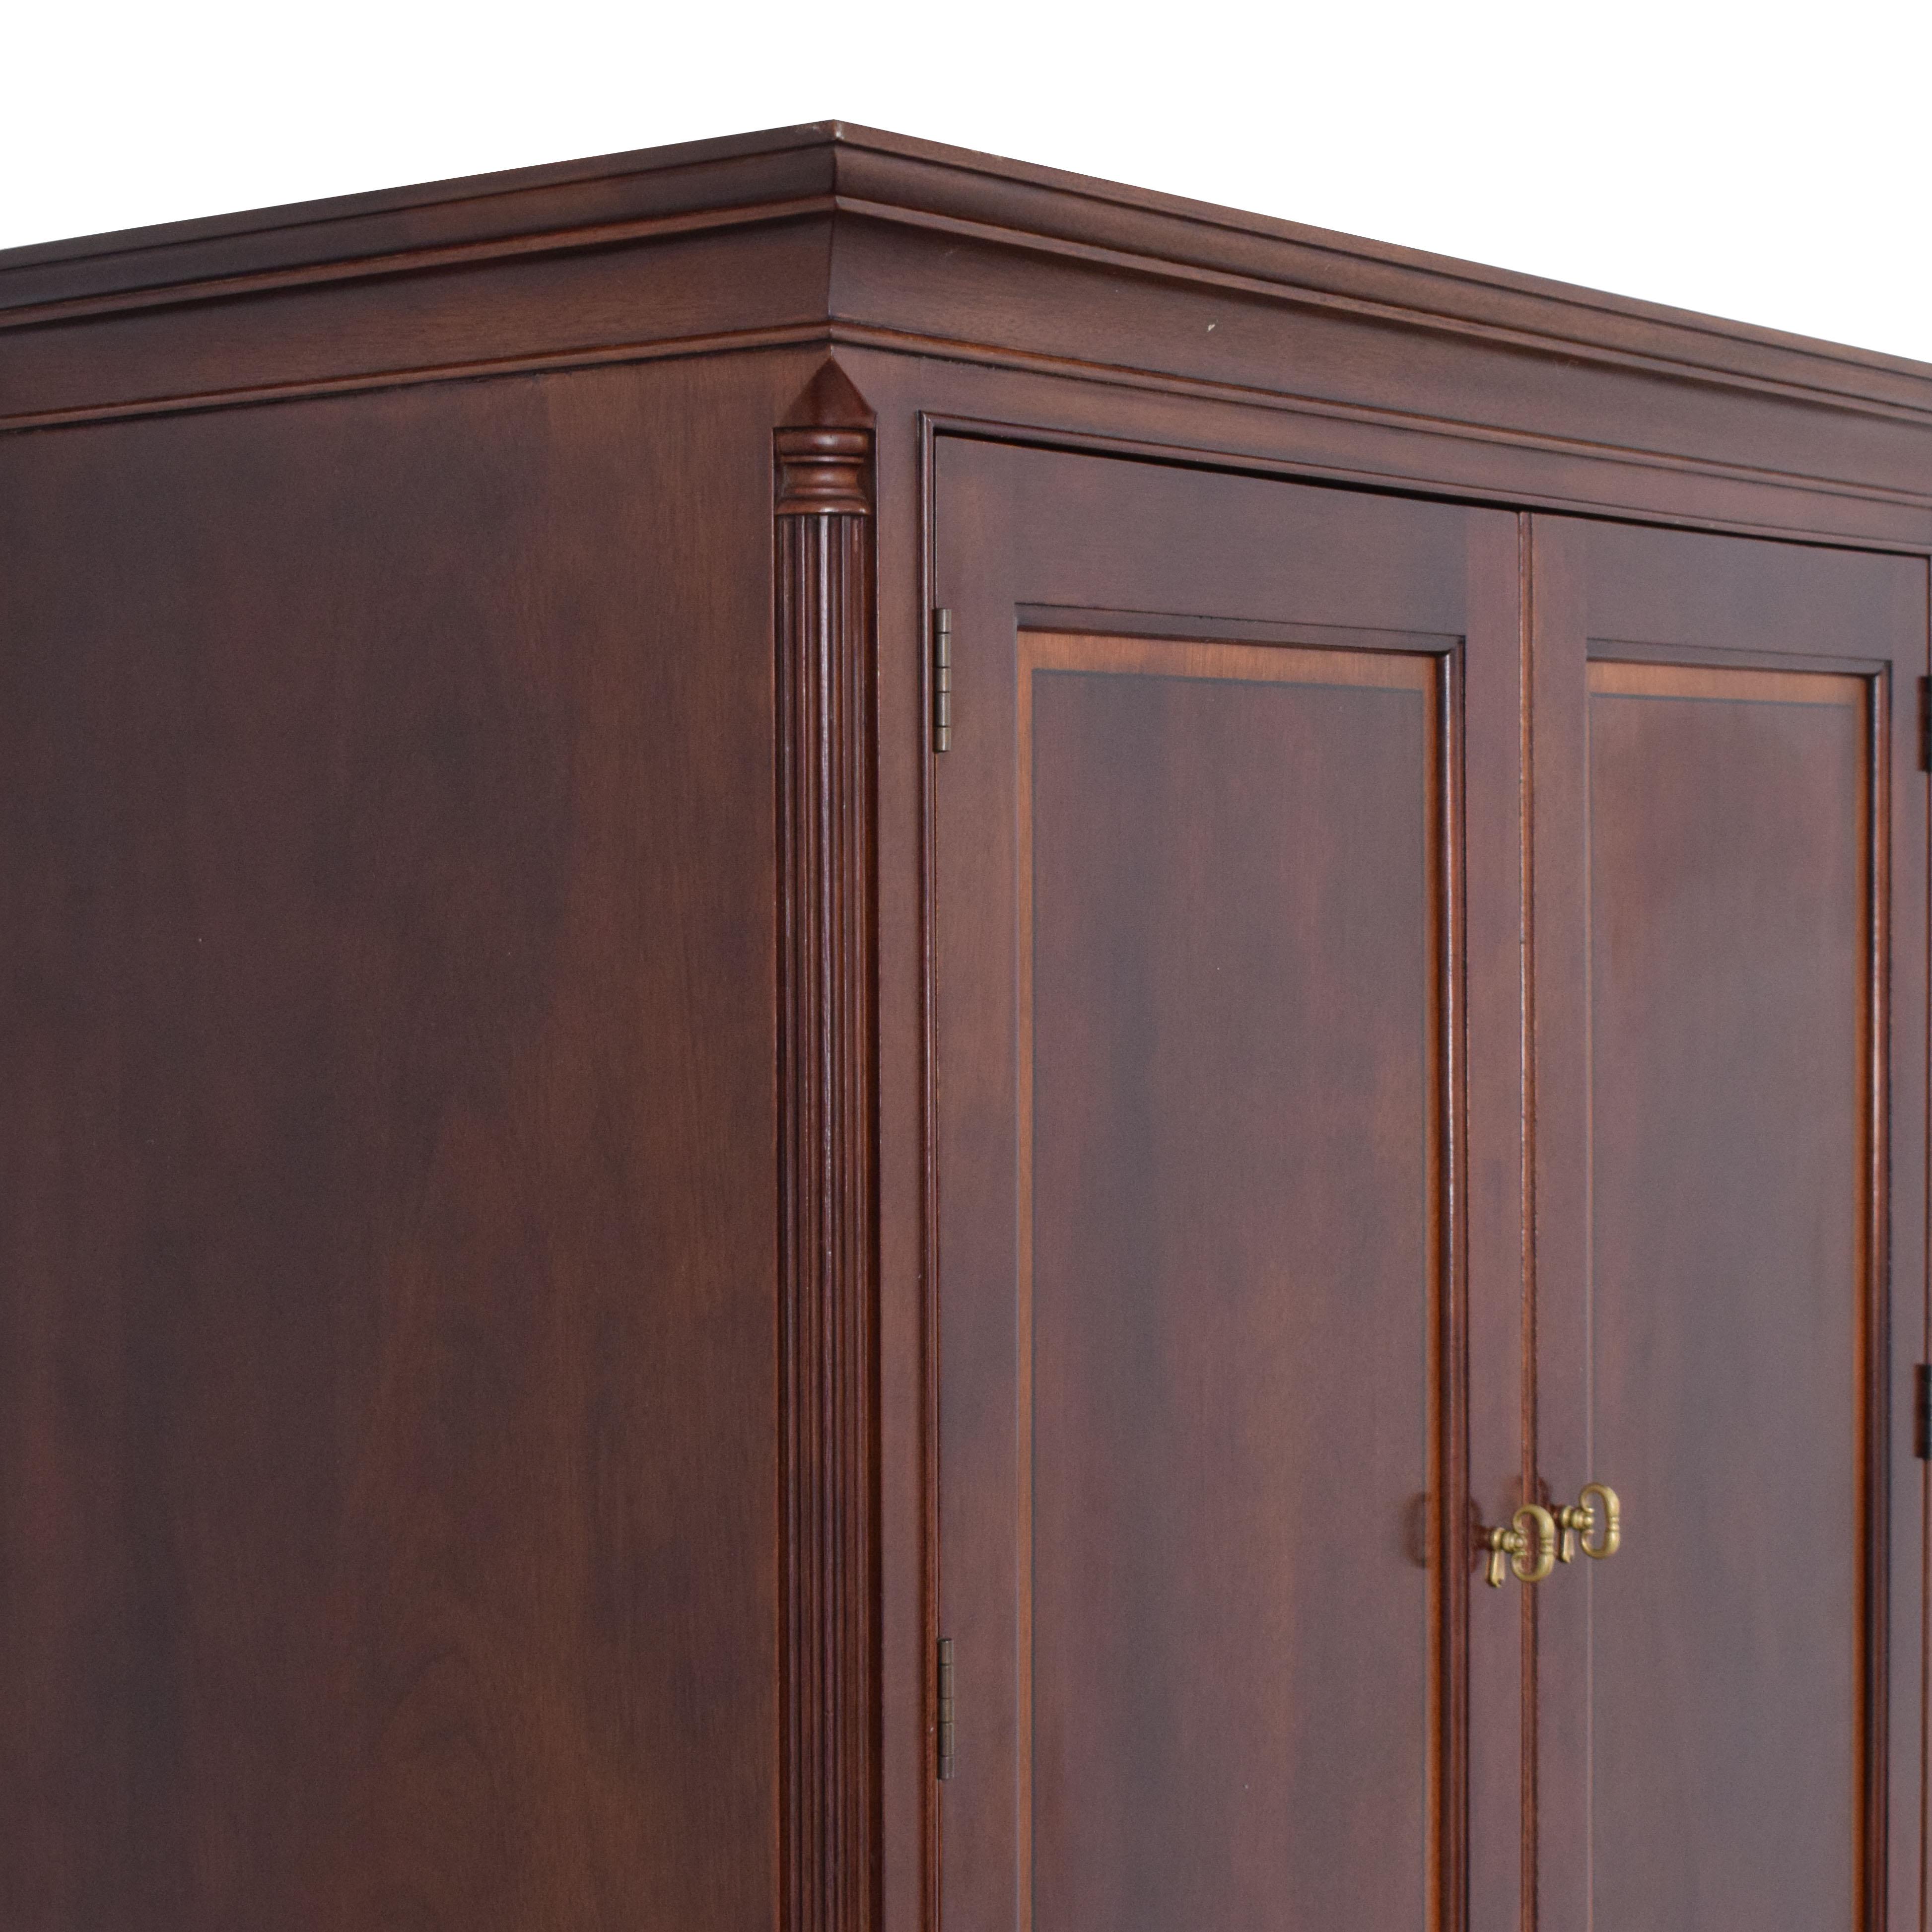 Stickley Furniture Stickley Furniture Armiore second hand